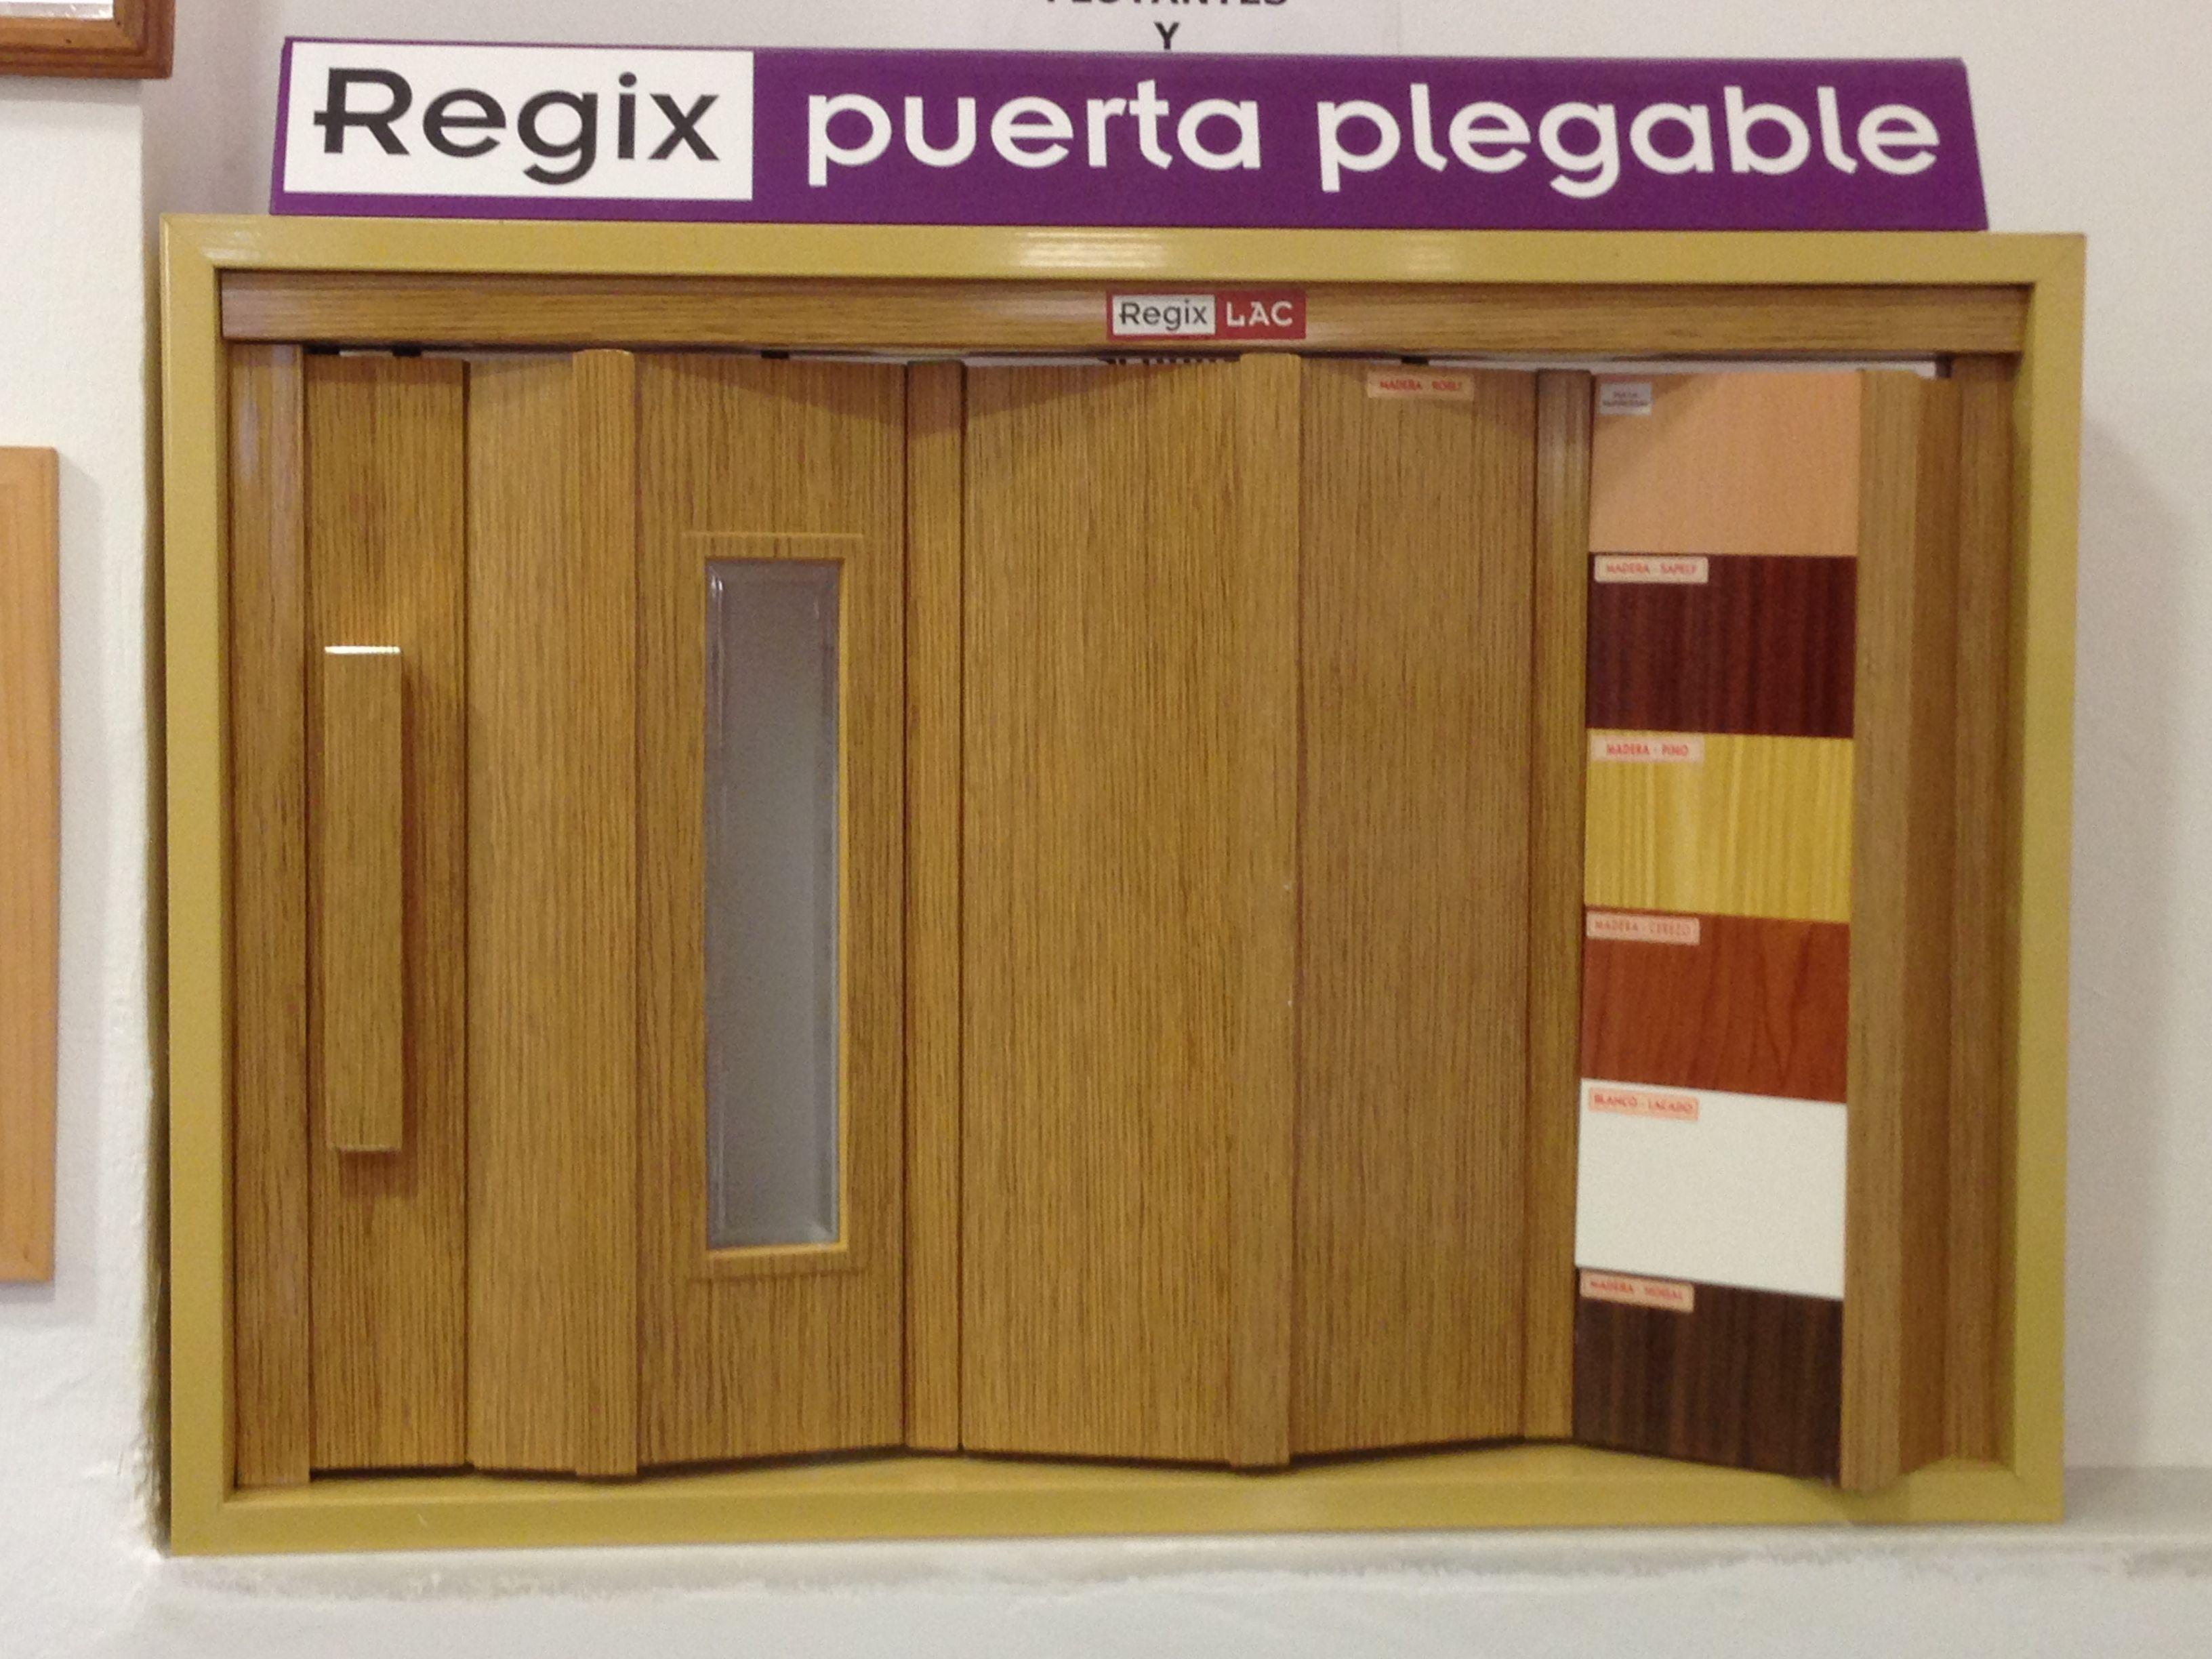 Puertas plegables de pvc lacada y puertas plegables for Puertas plegables interior